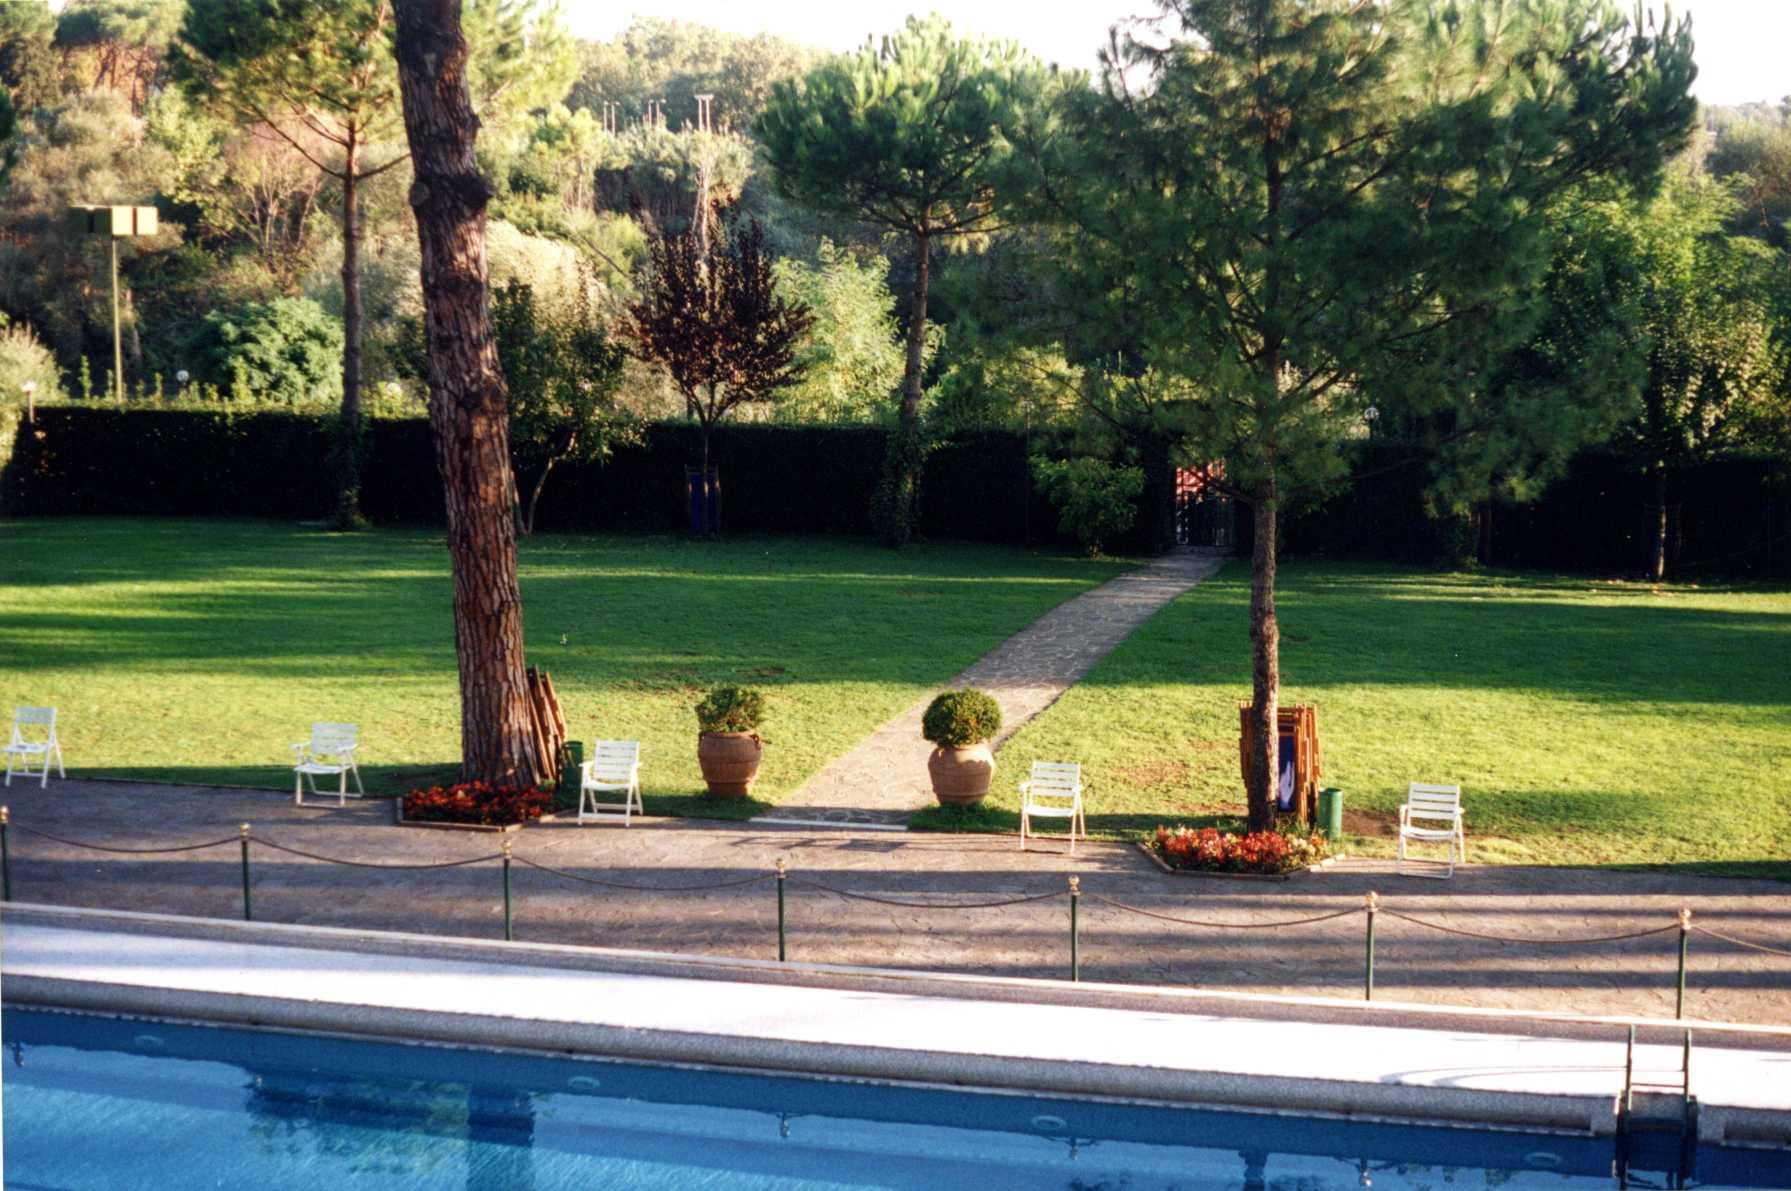 Giardino con piscina cleaneco service - Giardino con piscina ...